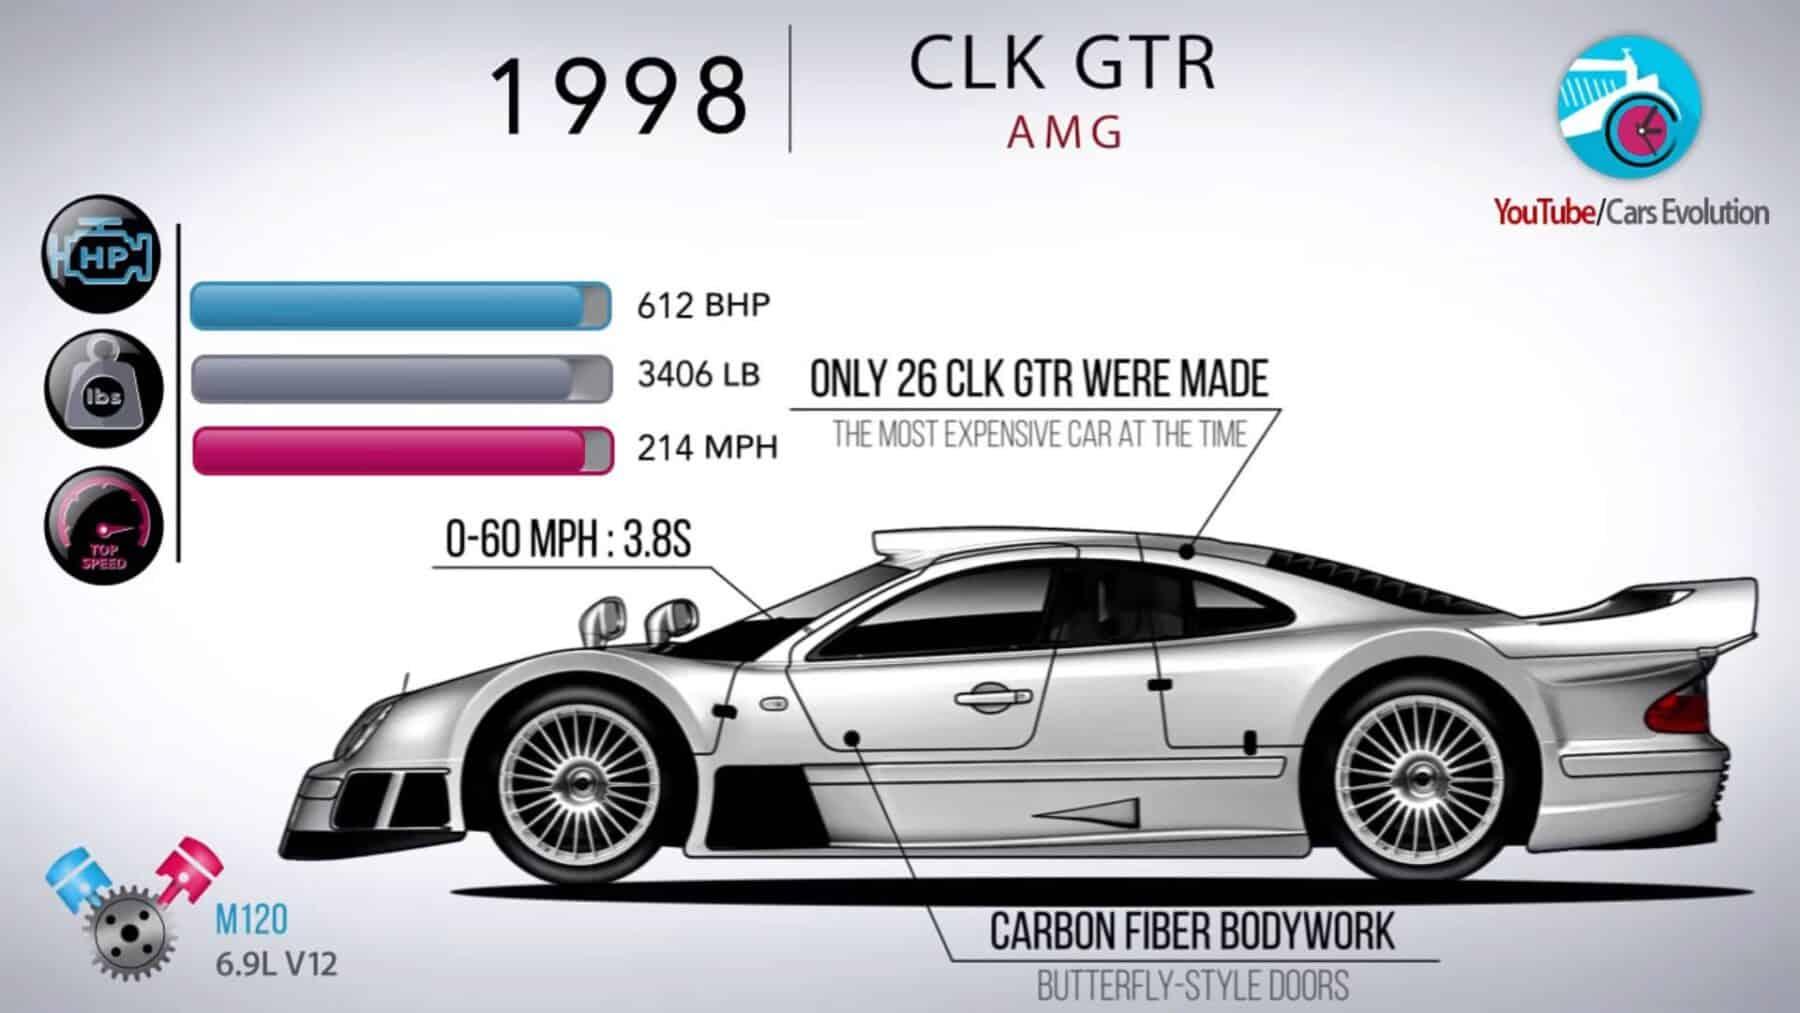 La Evolución Del Mercedes Benz Clk En Vídeo